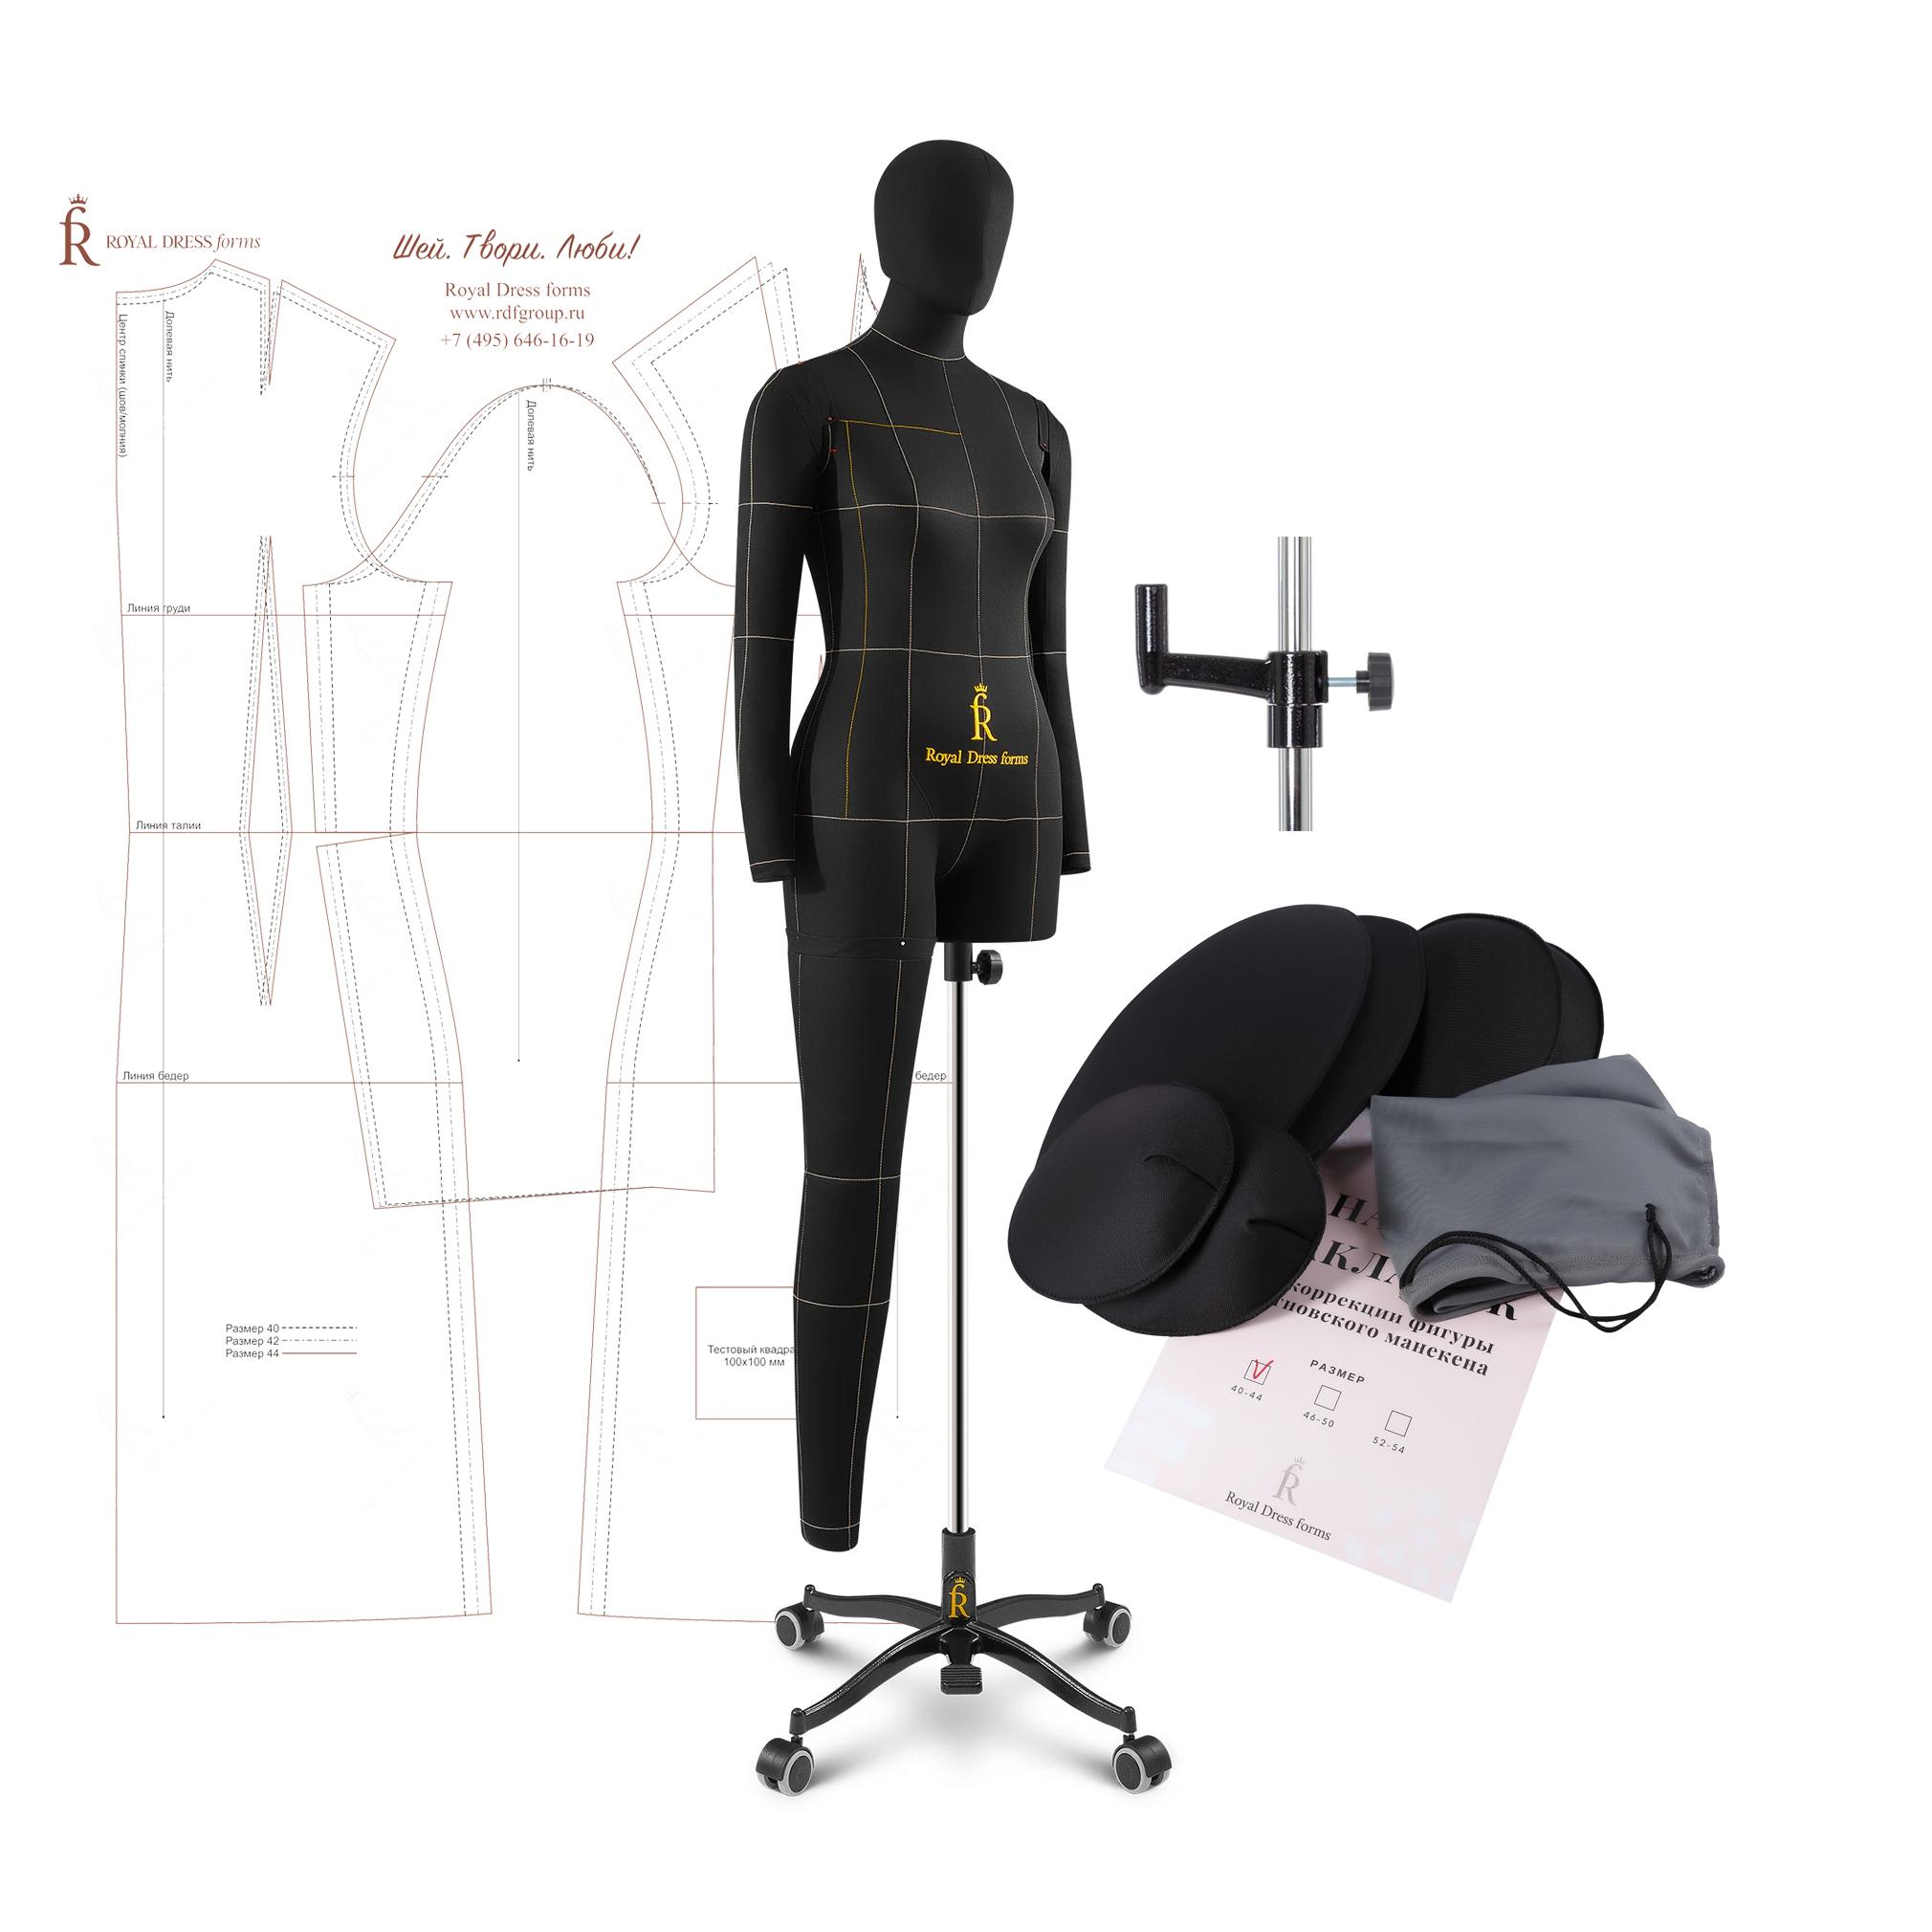 ен портновский Моника, комплект Про, размер 54, цвет черный, в комплекте накладки, руки, нога и голова